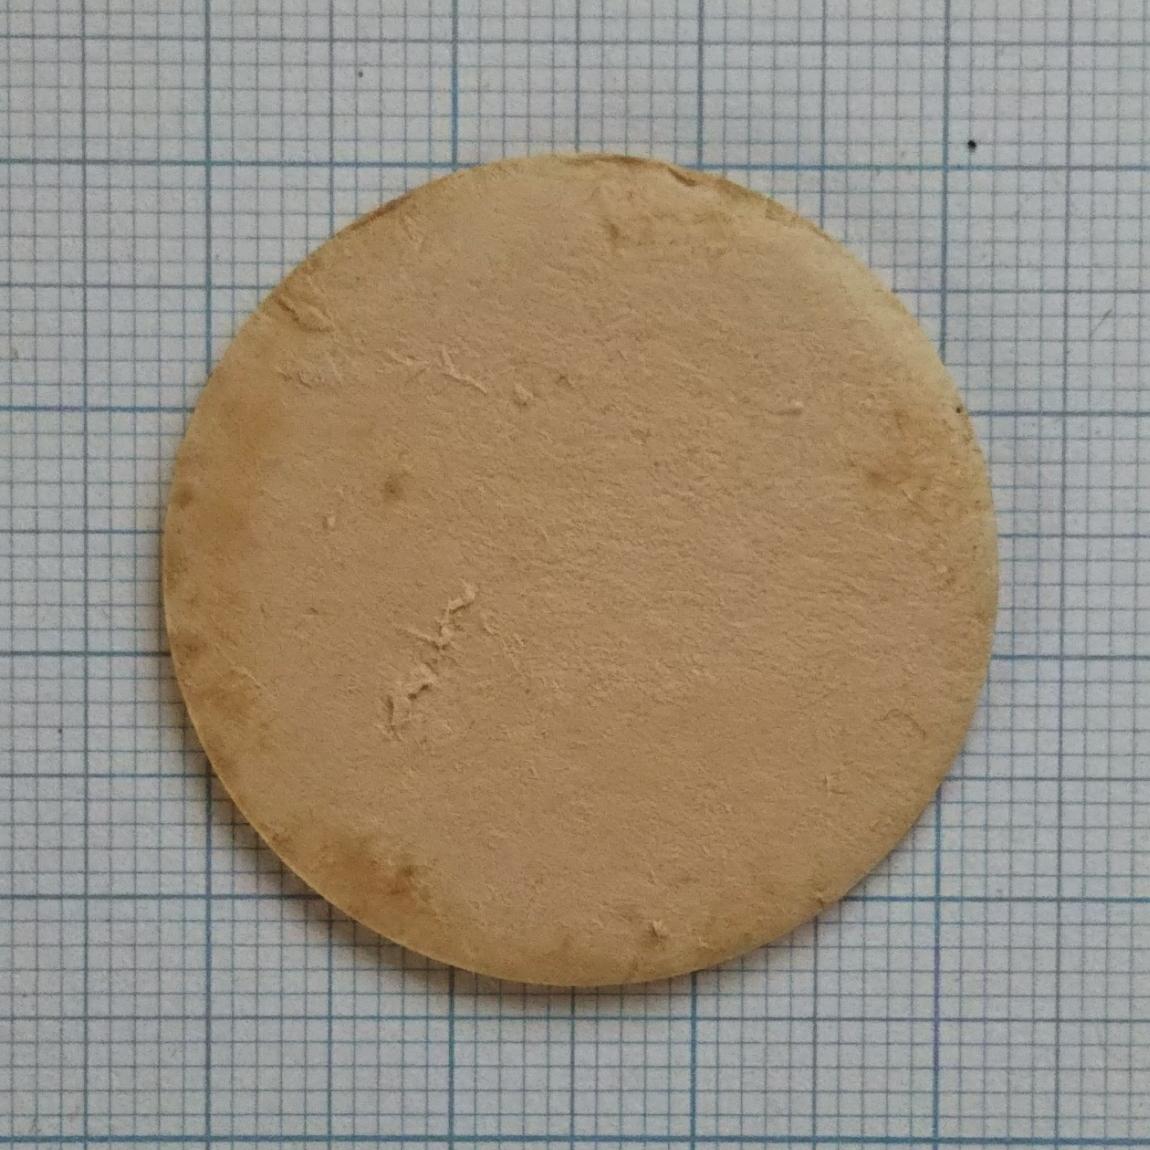 古い牛乳キャップ・森永フレッシュトマト_画像2